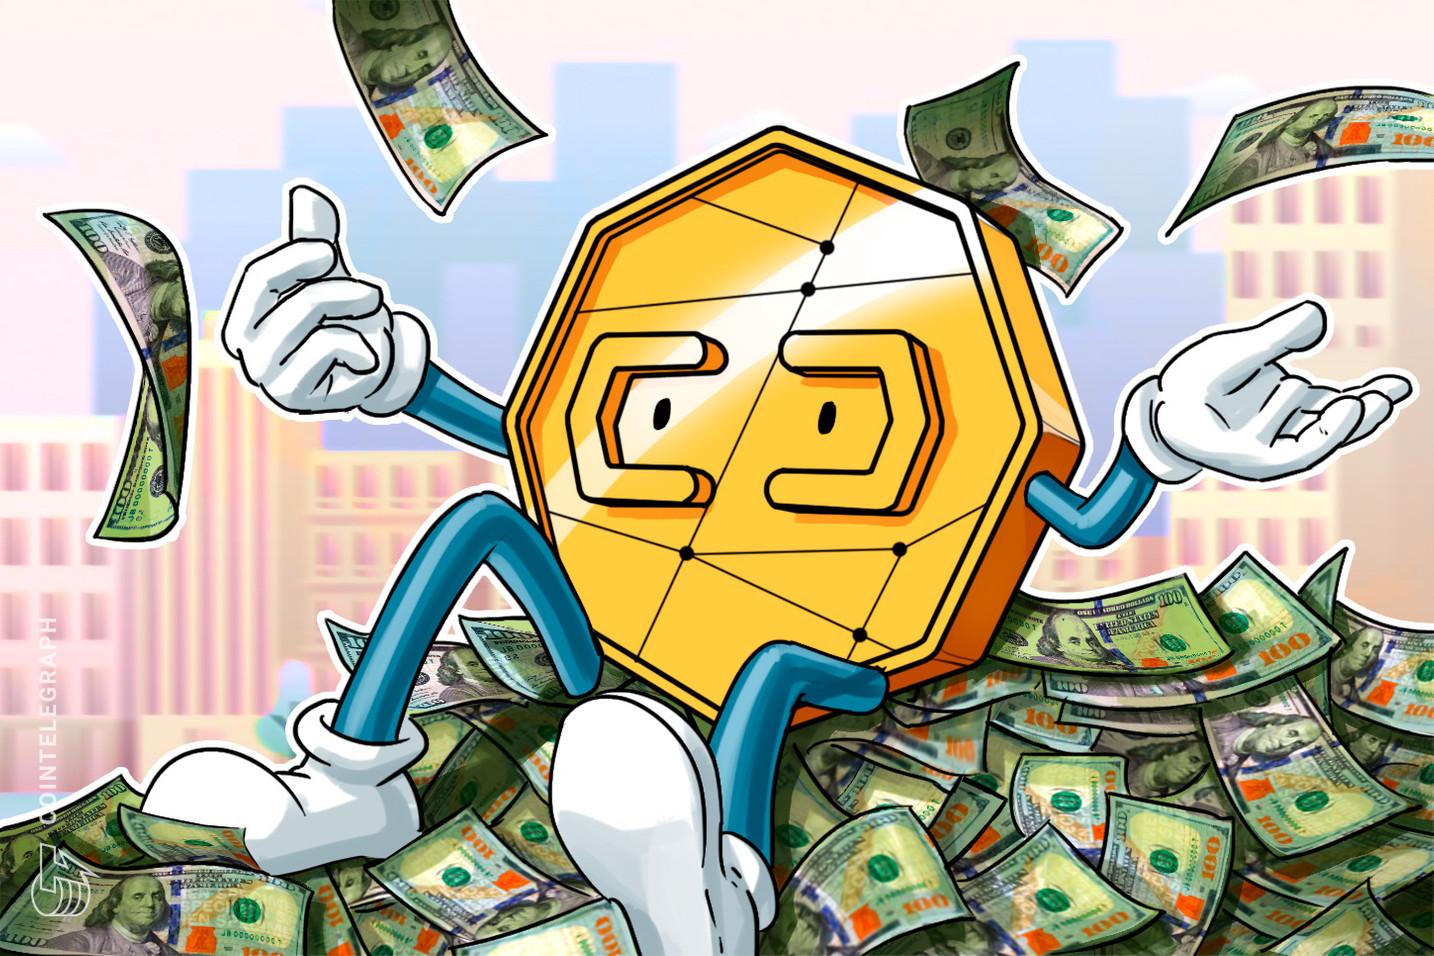 Ang FTX ay sumira sa tala ng pagpopondo ng crypto na may $ 900m na pagtaas upang maging exchange decacorn